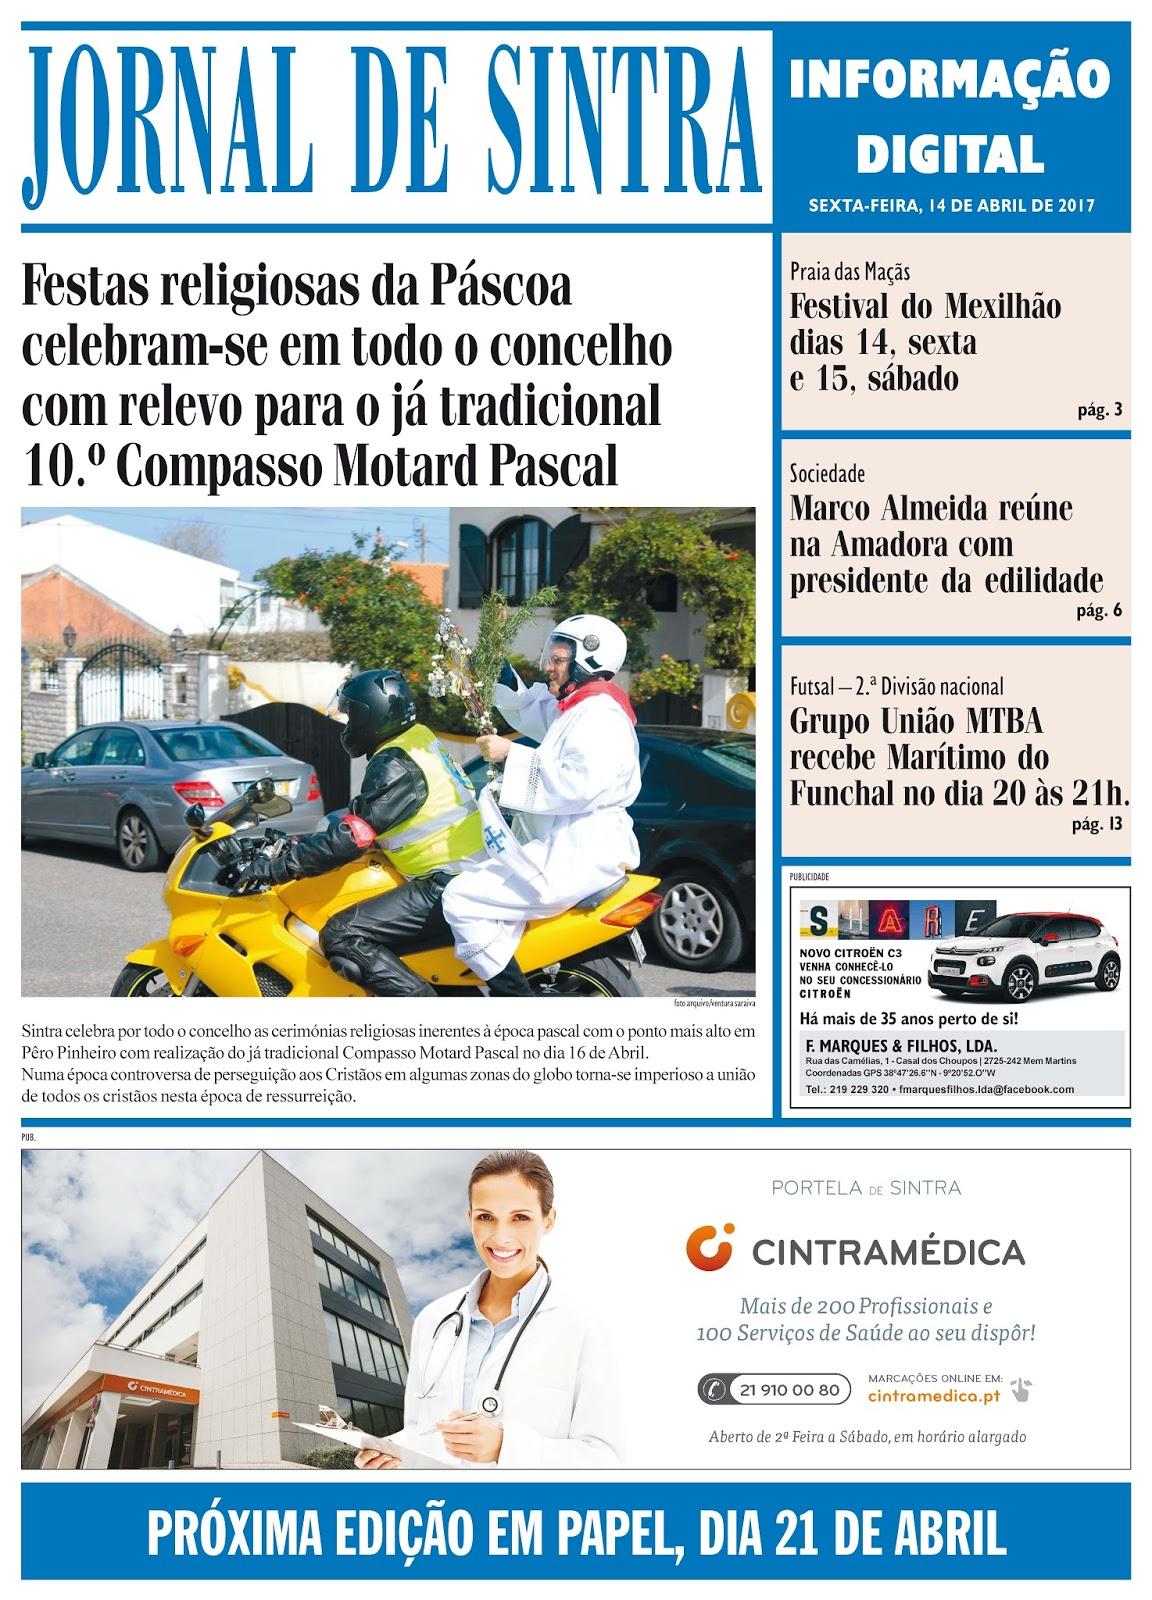 Capa da edição de 14-04-2017